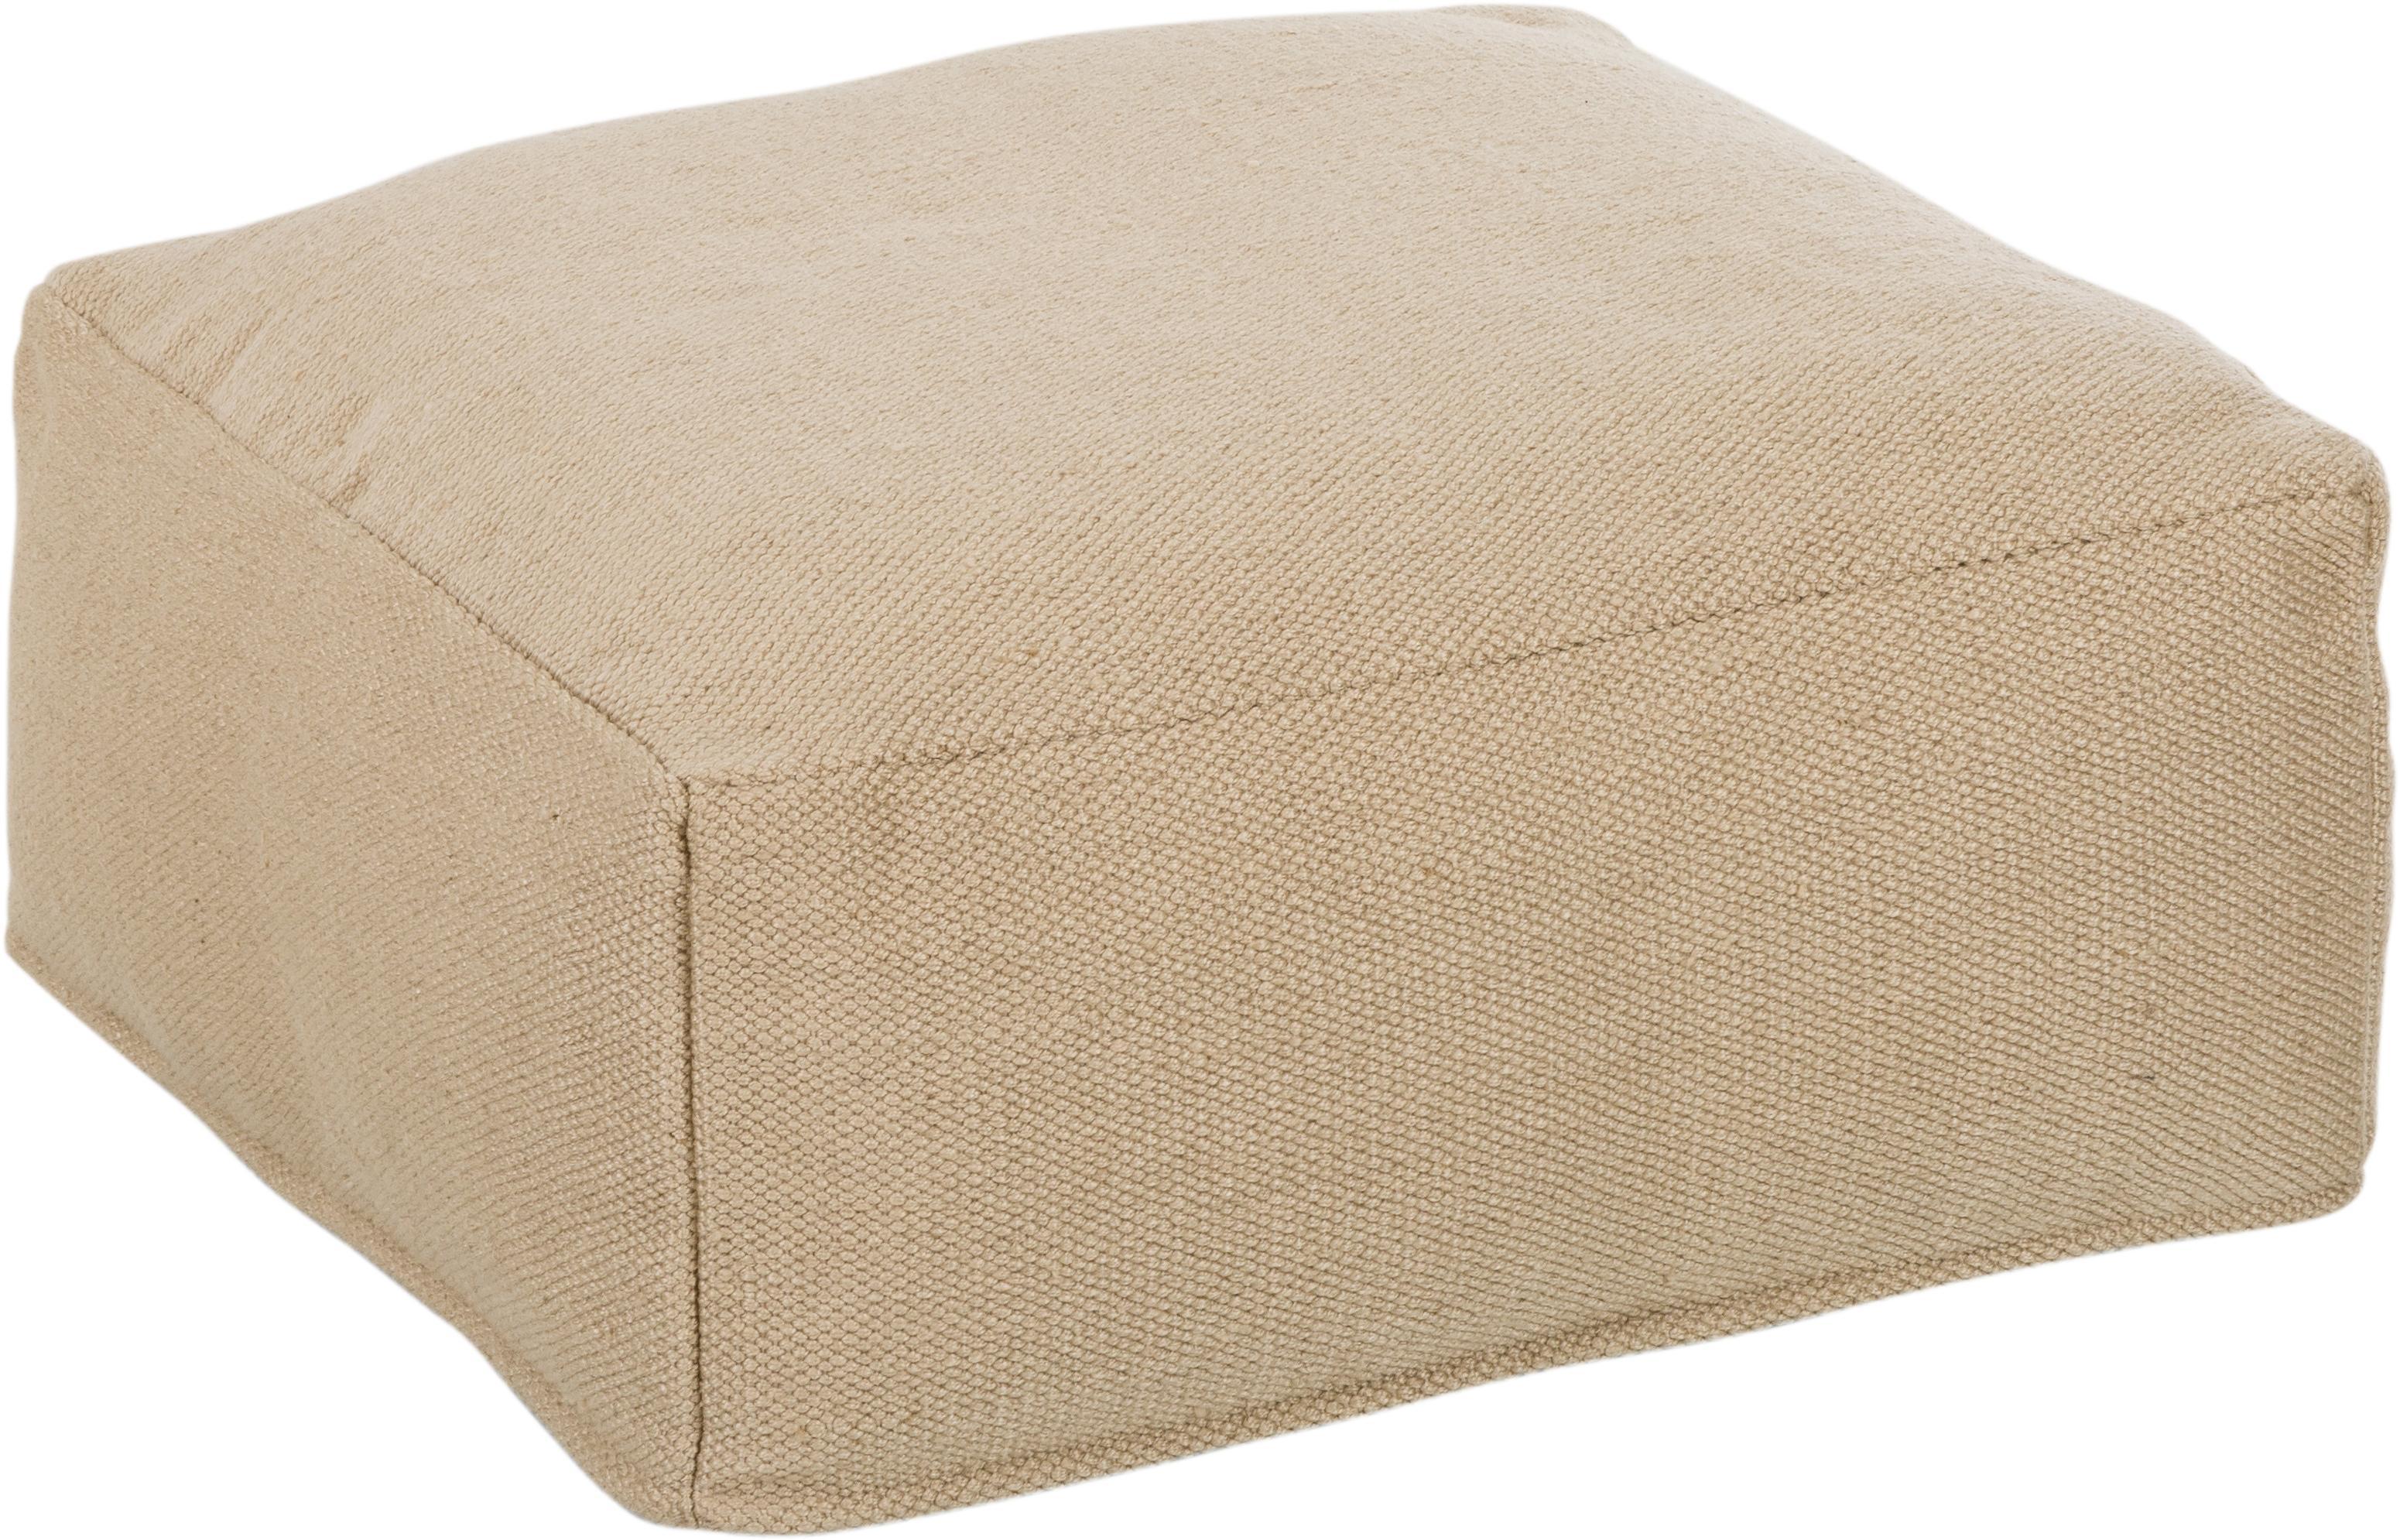 Poduszka podłogowa wewnętrzna/zewnętrzna Khela, Tapicerka: 100% poliester pochodzący, Beżowy, S 60 x W 25 cm